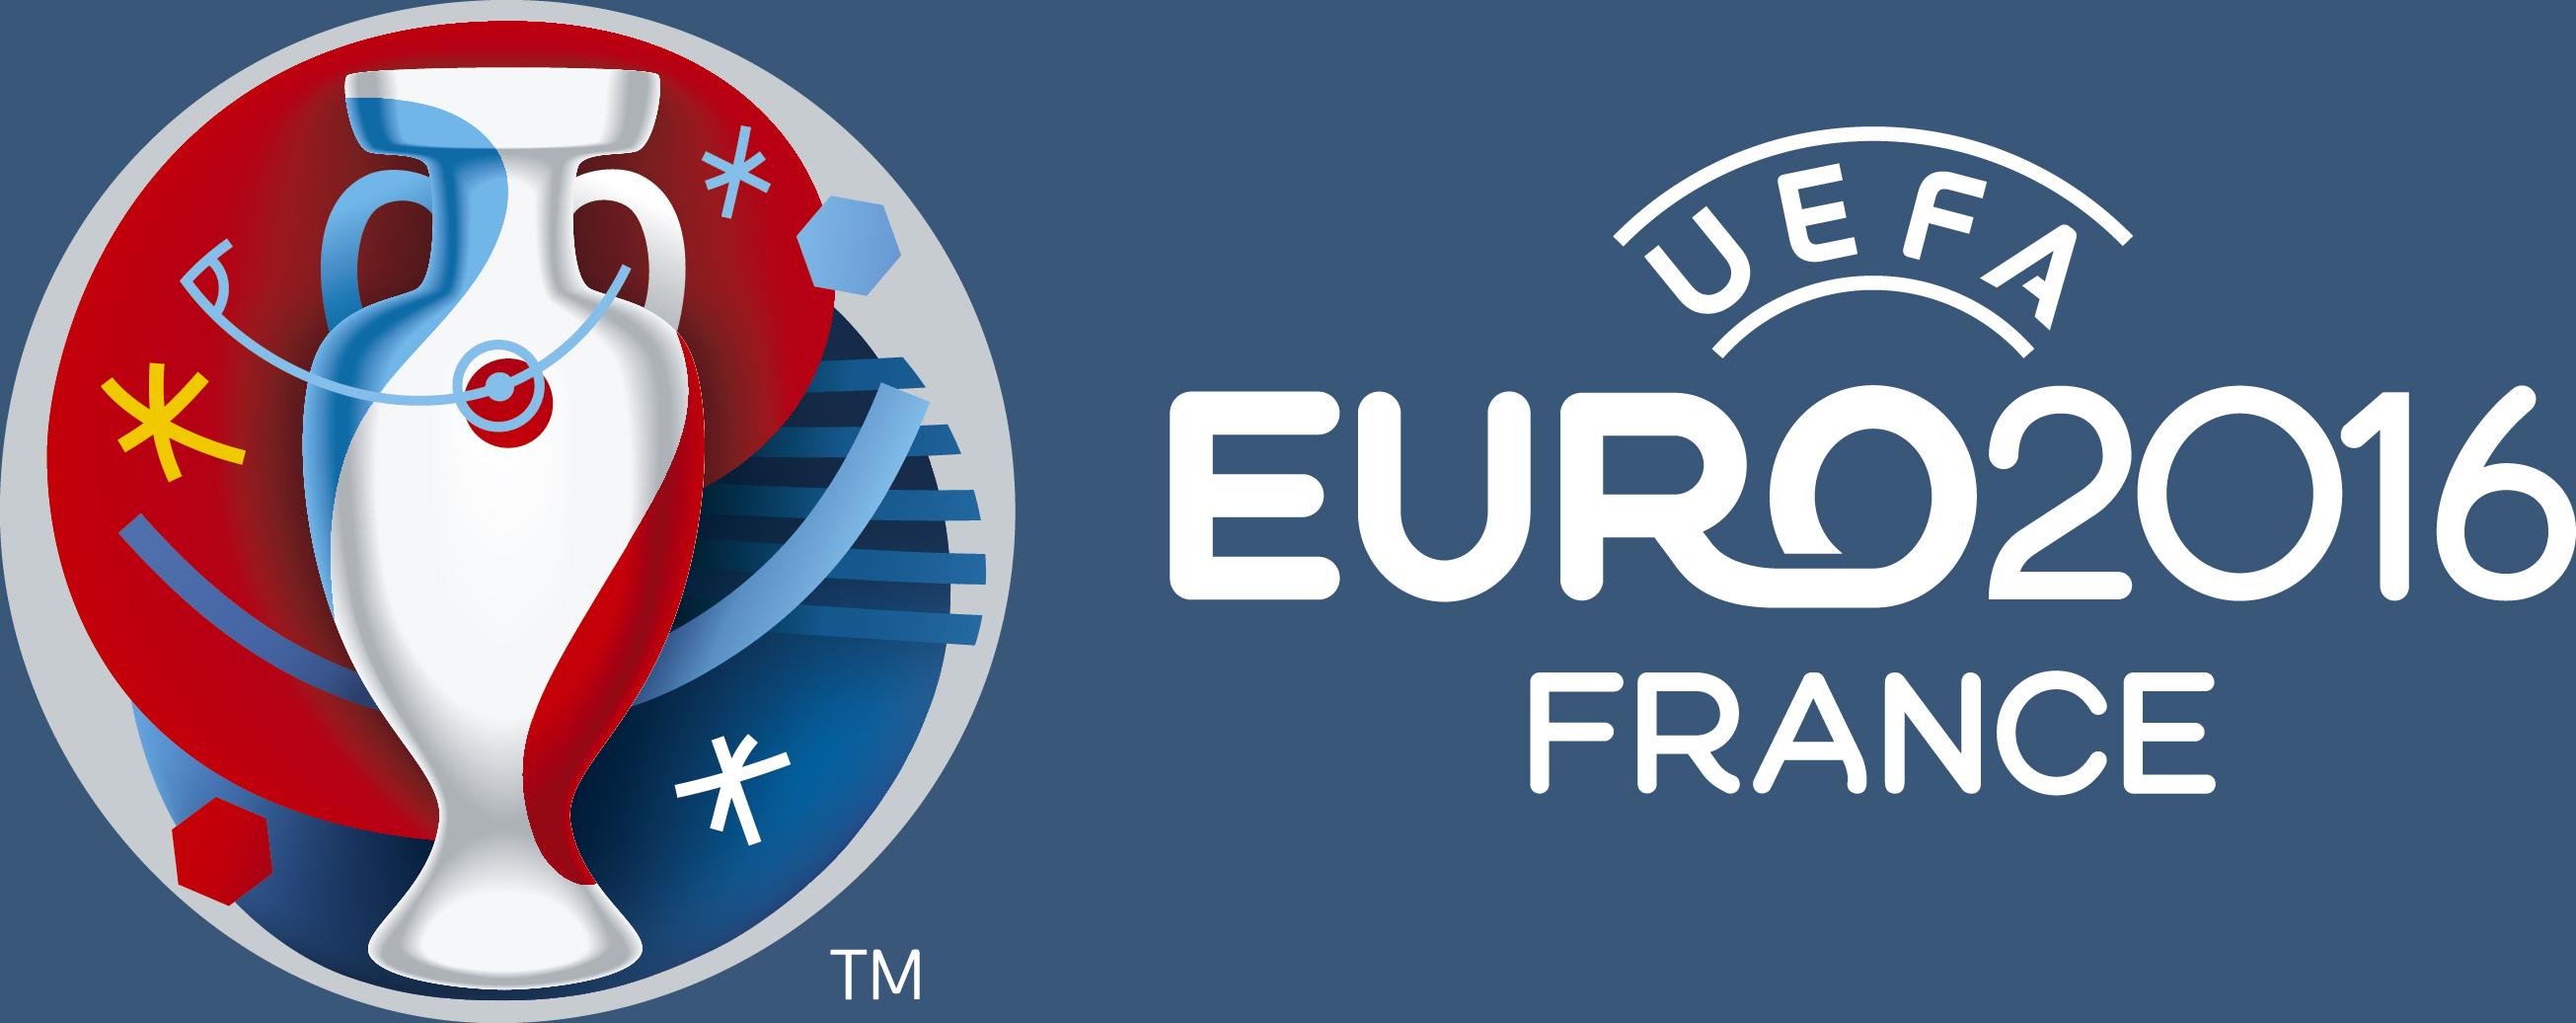 По кто чемпион европы ставка футболу